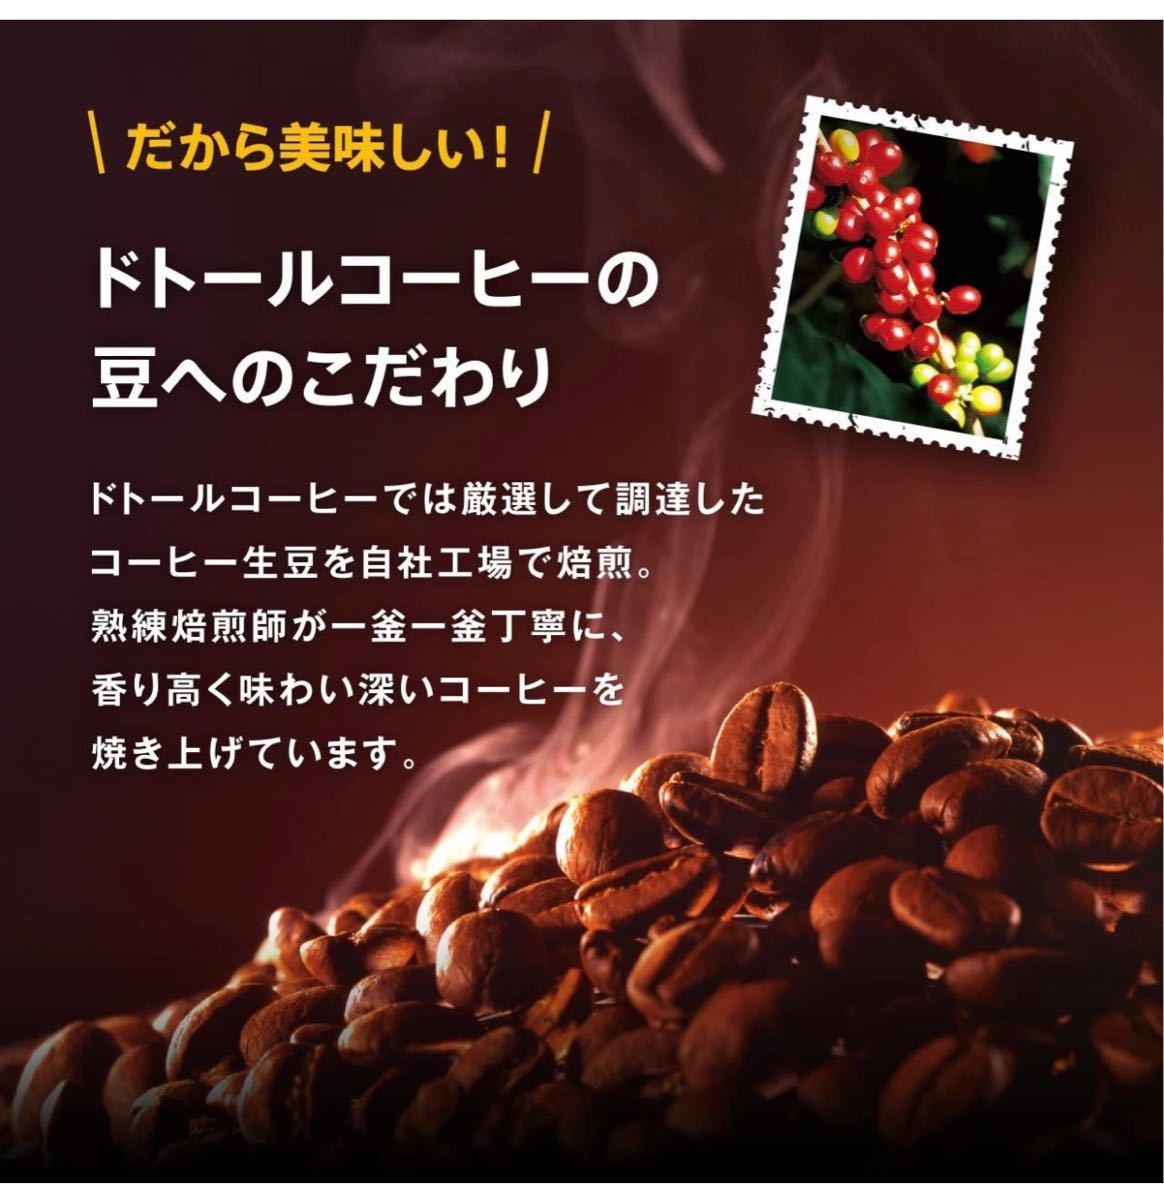 ドトール ドリップパック深煎りブレンド 1箱(100袋入)ドトールコーヒー